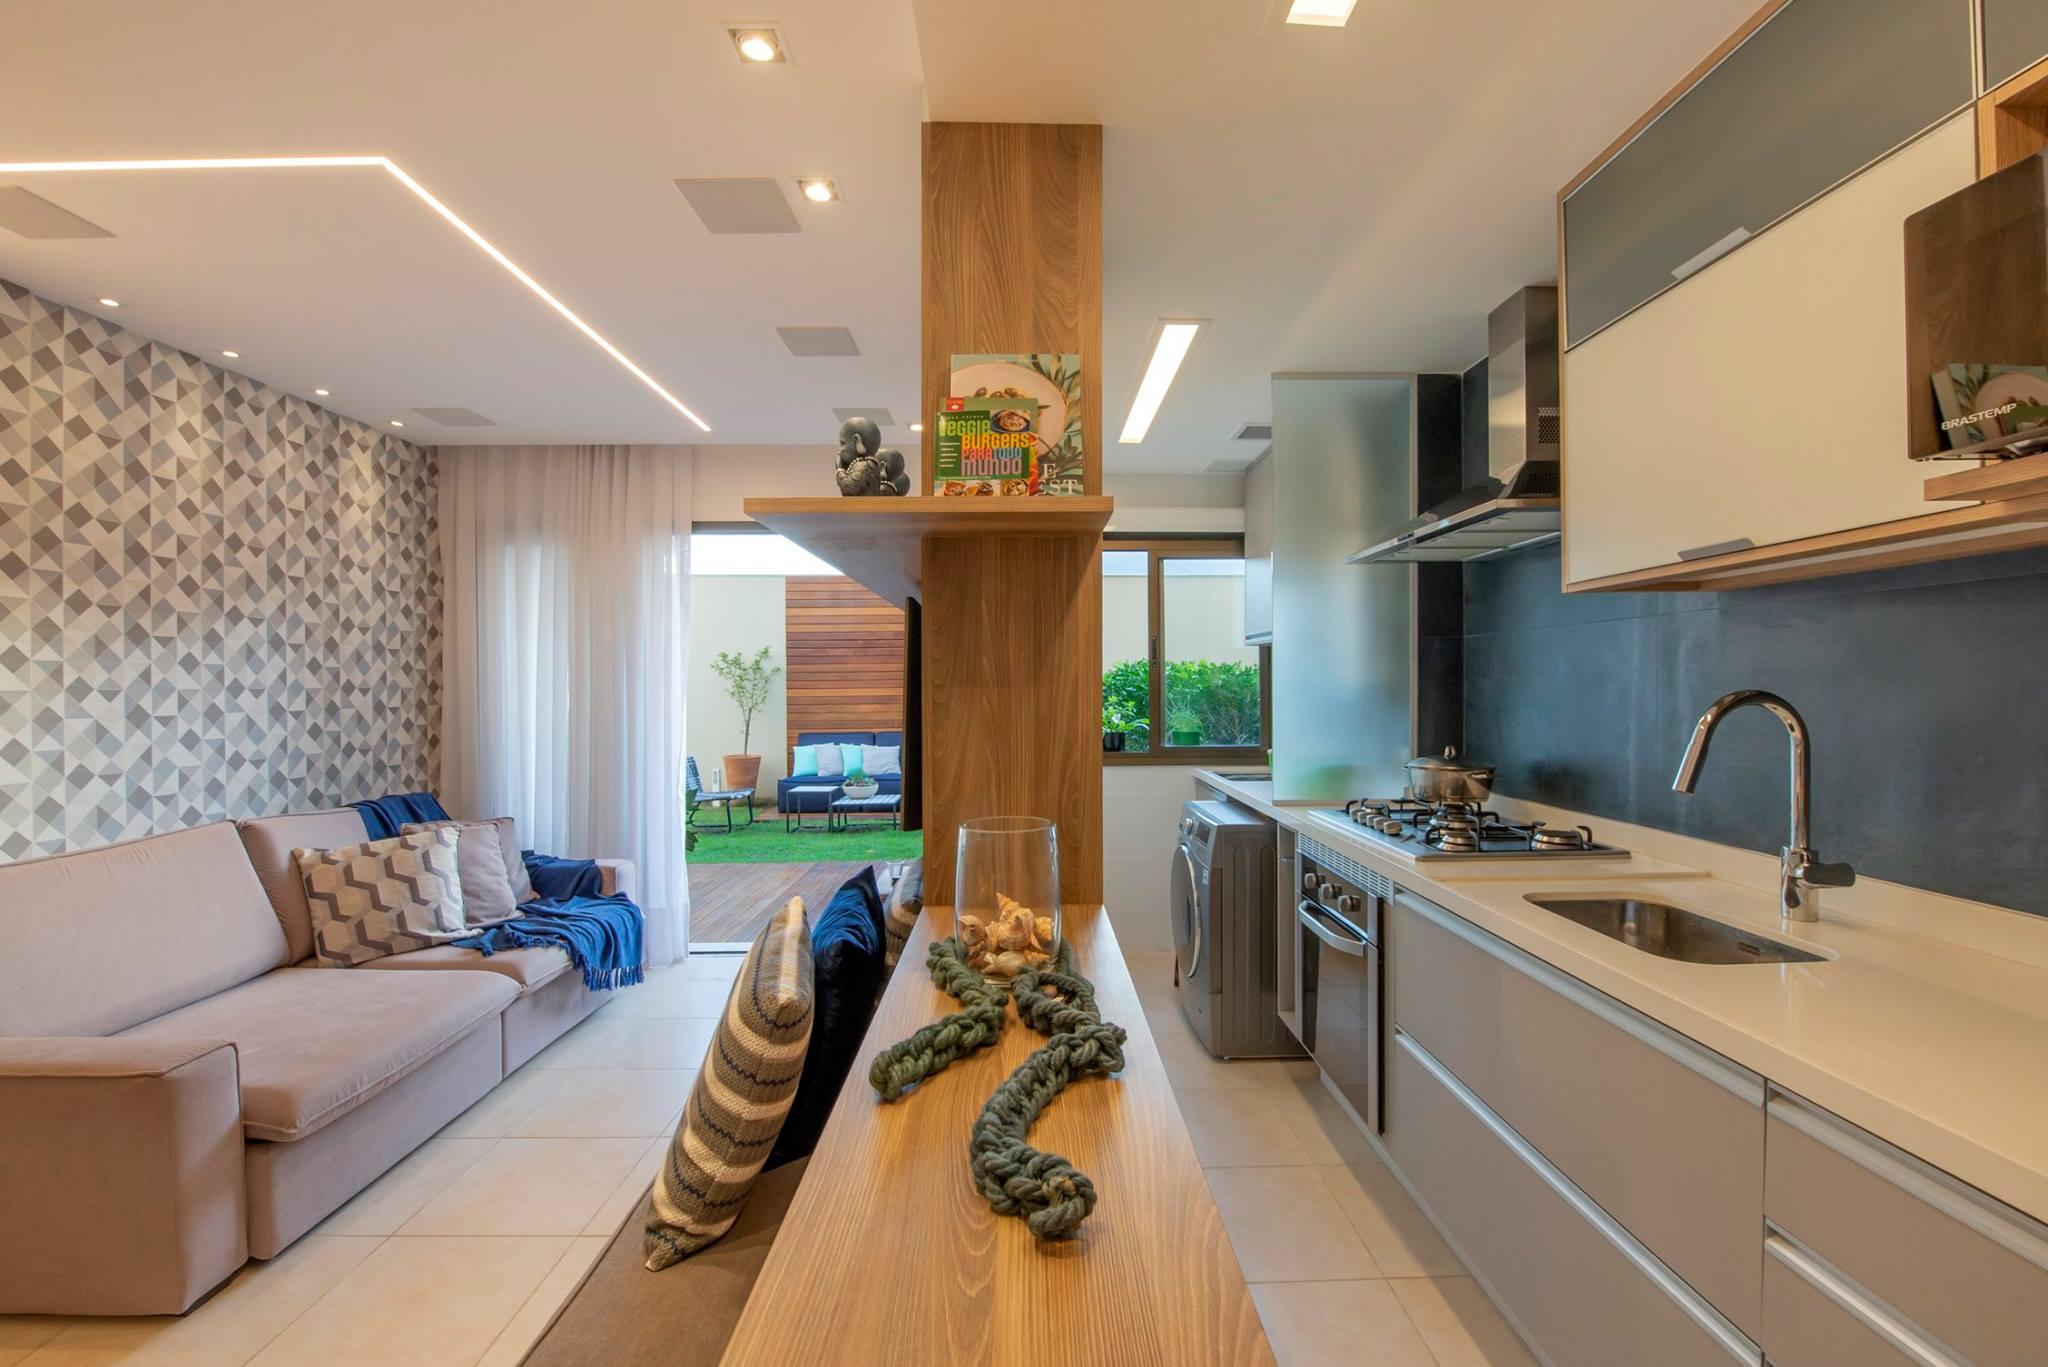 8-Residência PO - Por LM Arquitetura e Design - Arquitetos Ivan Leite e Patrícia Machado - Fotos Marcia Irala